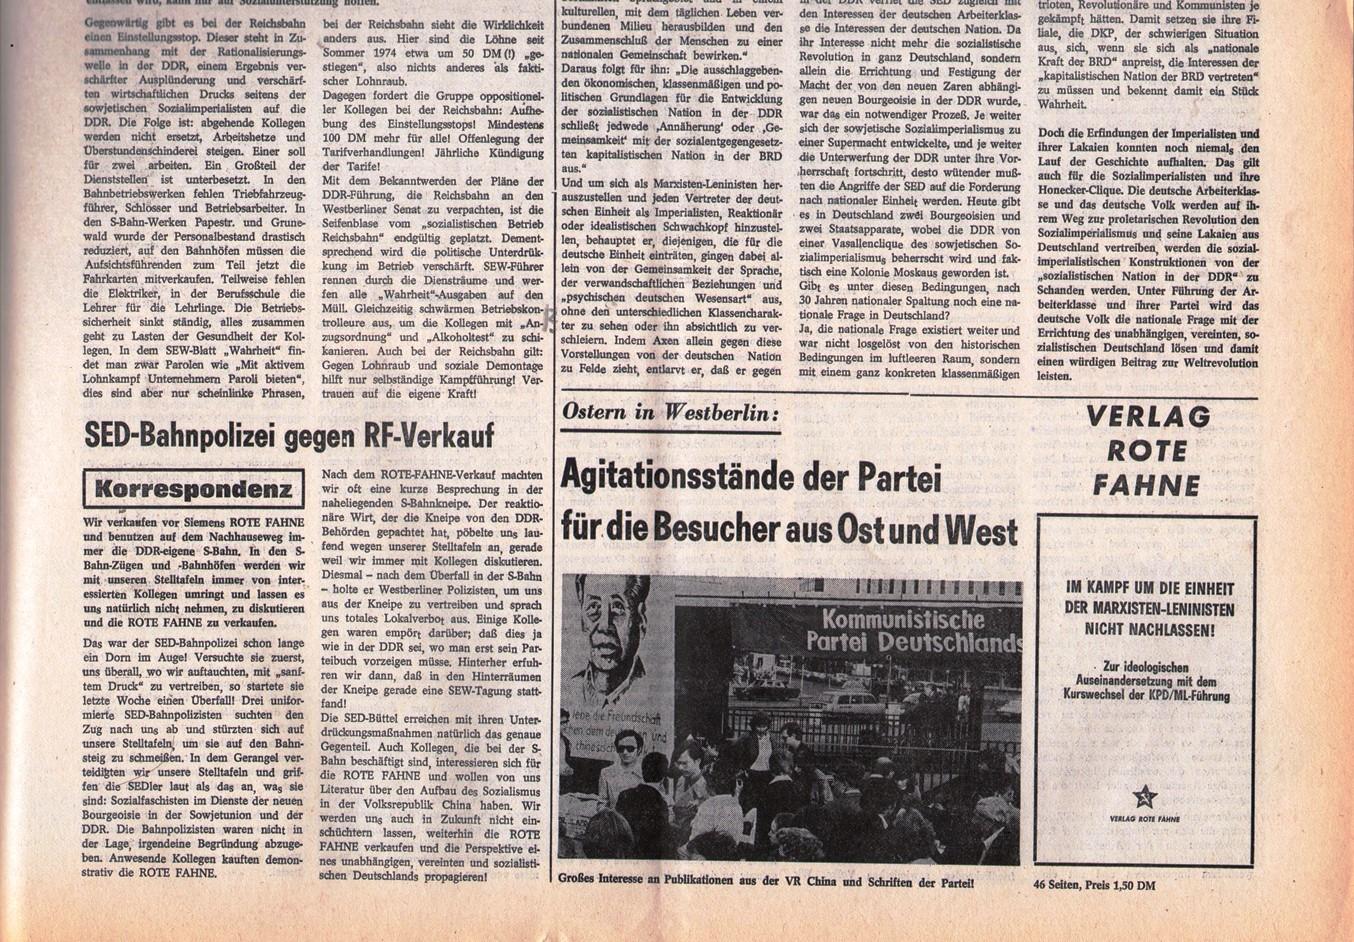 KPD_Rote_Fahne_1976_17_22